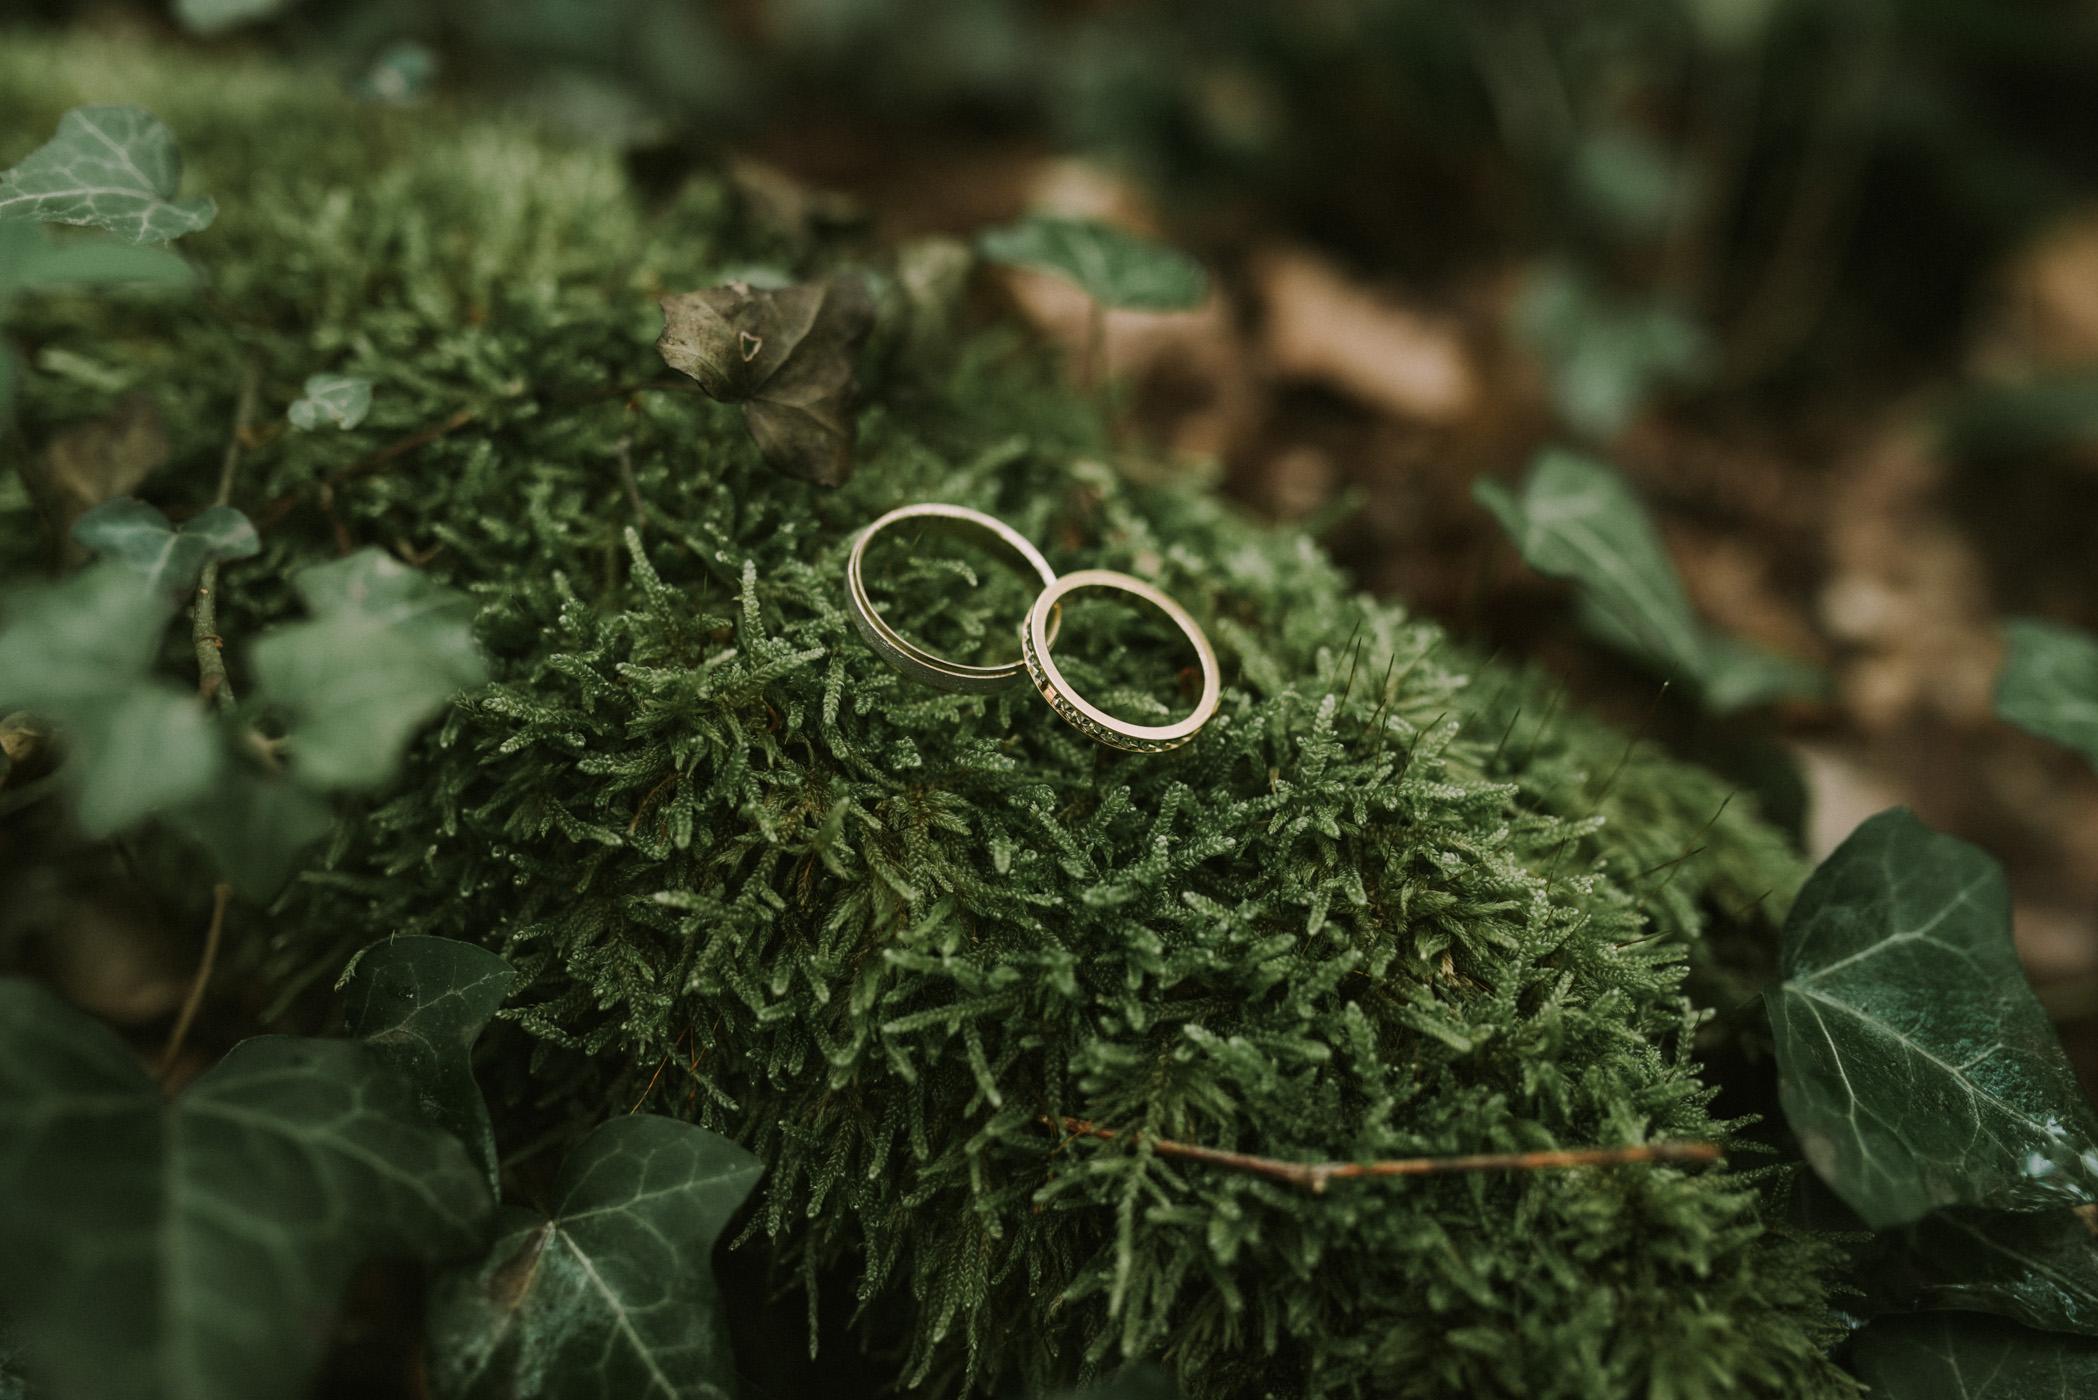 sun-drops-down-shooting-dinspiration-automnal-sous-les-bois-en-dordogne-blog-mariage-la-mariee-sous-les-etoiles-photo-mira-al-pajarito-11